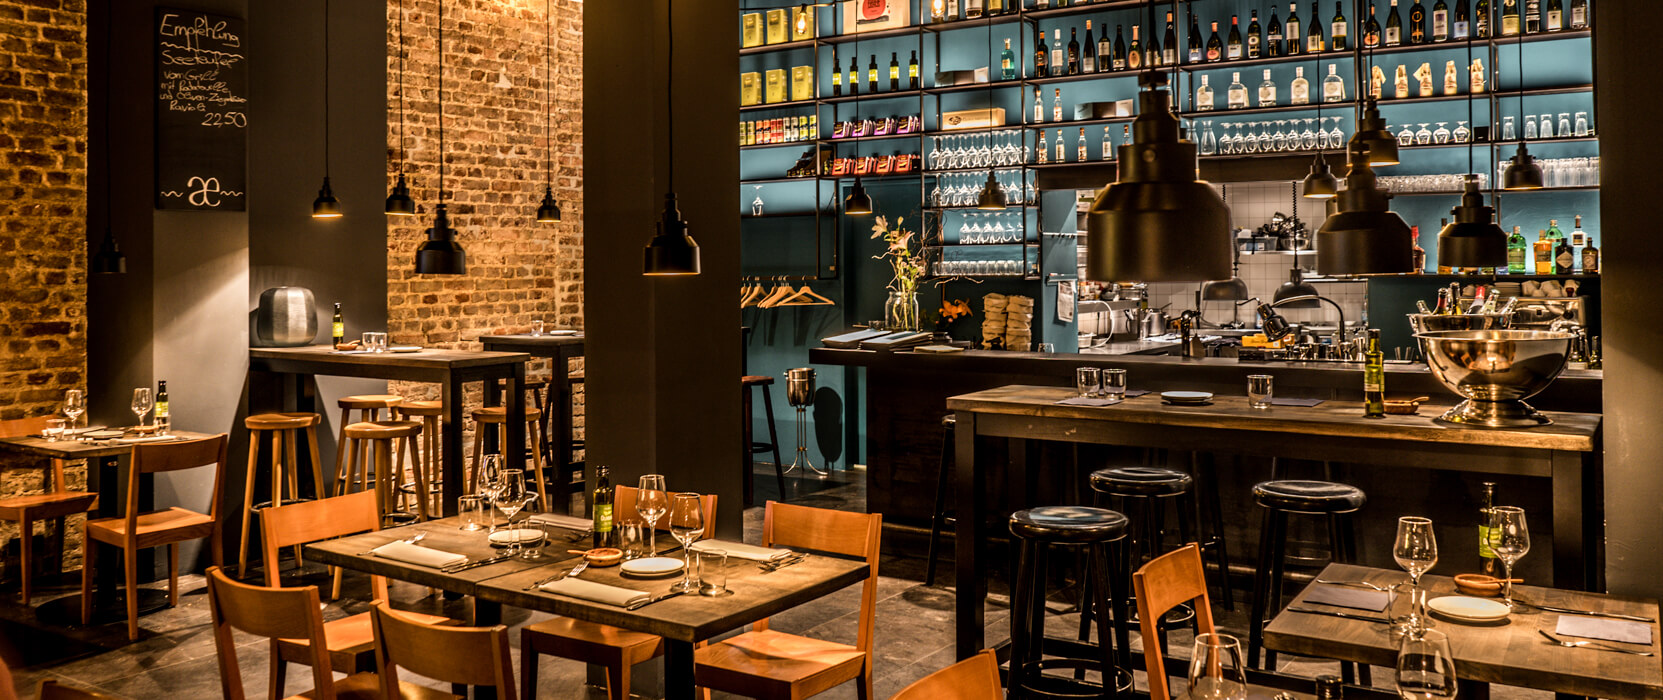 Restaurants für Gruppen - Zu Tisch mit Freunden: Phaedra